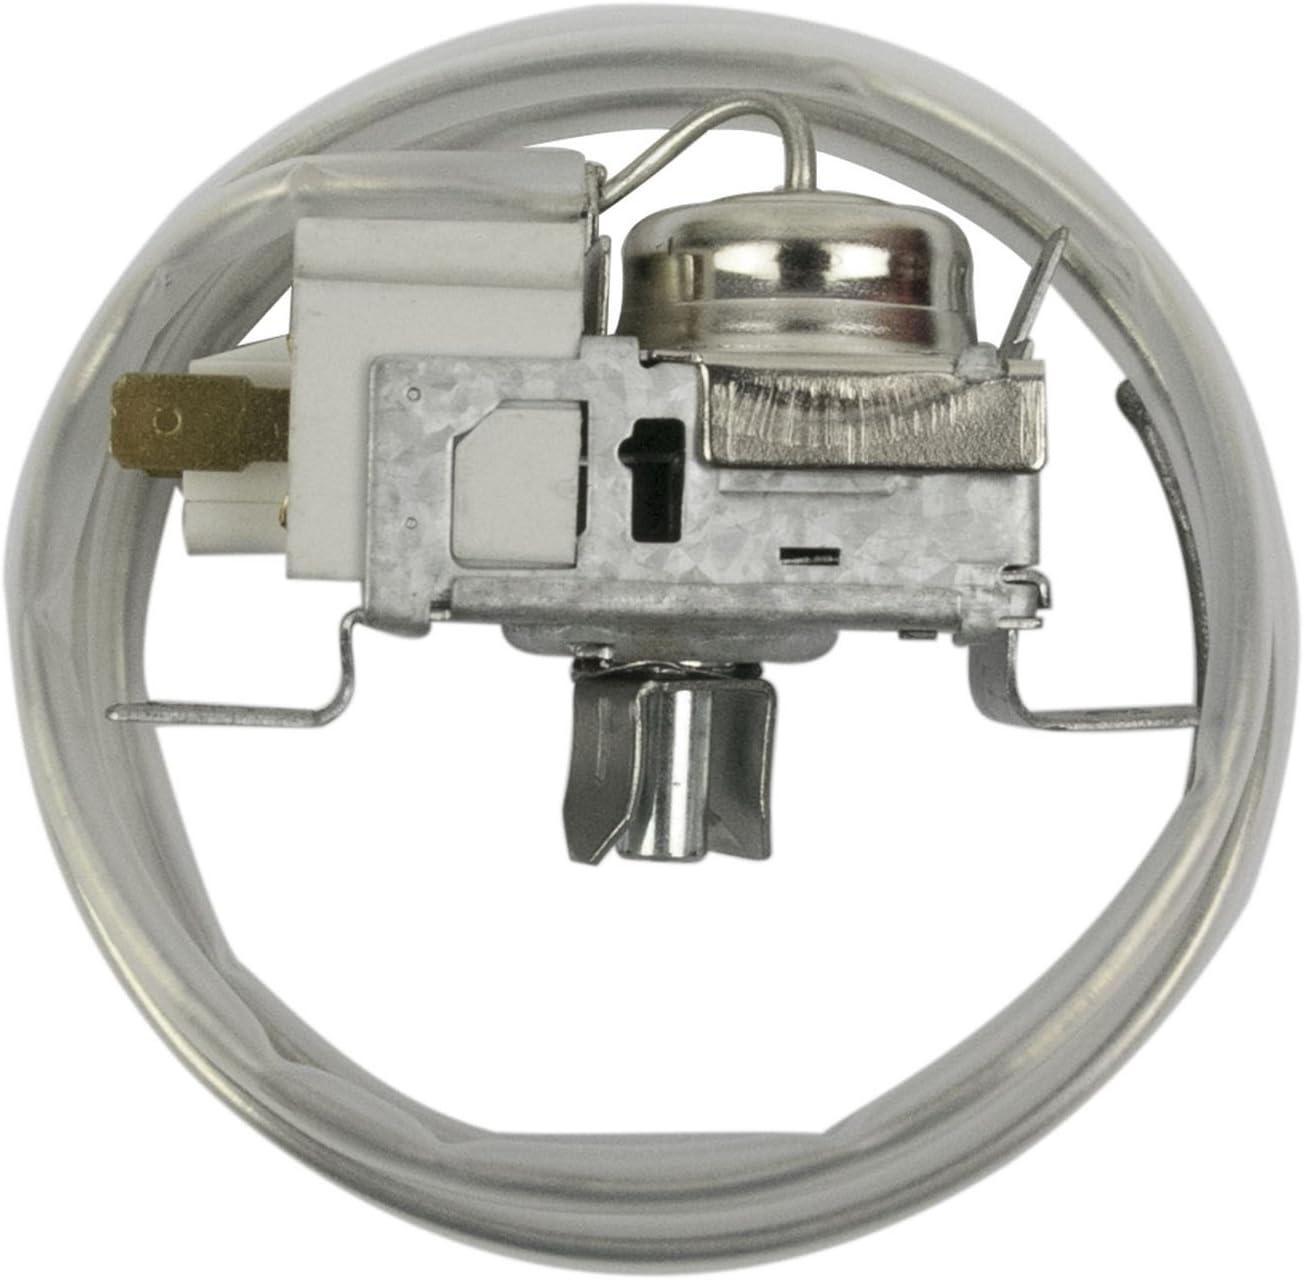 Ranco Termostato Sensor de l2082/K22/2/mm para heladera kapillarr ohrl /änge 2000/mm